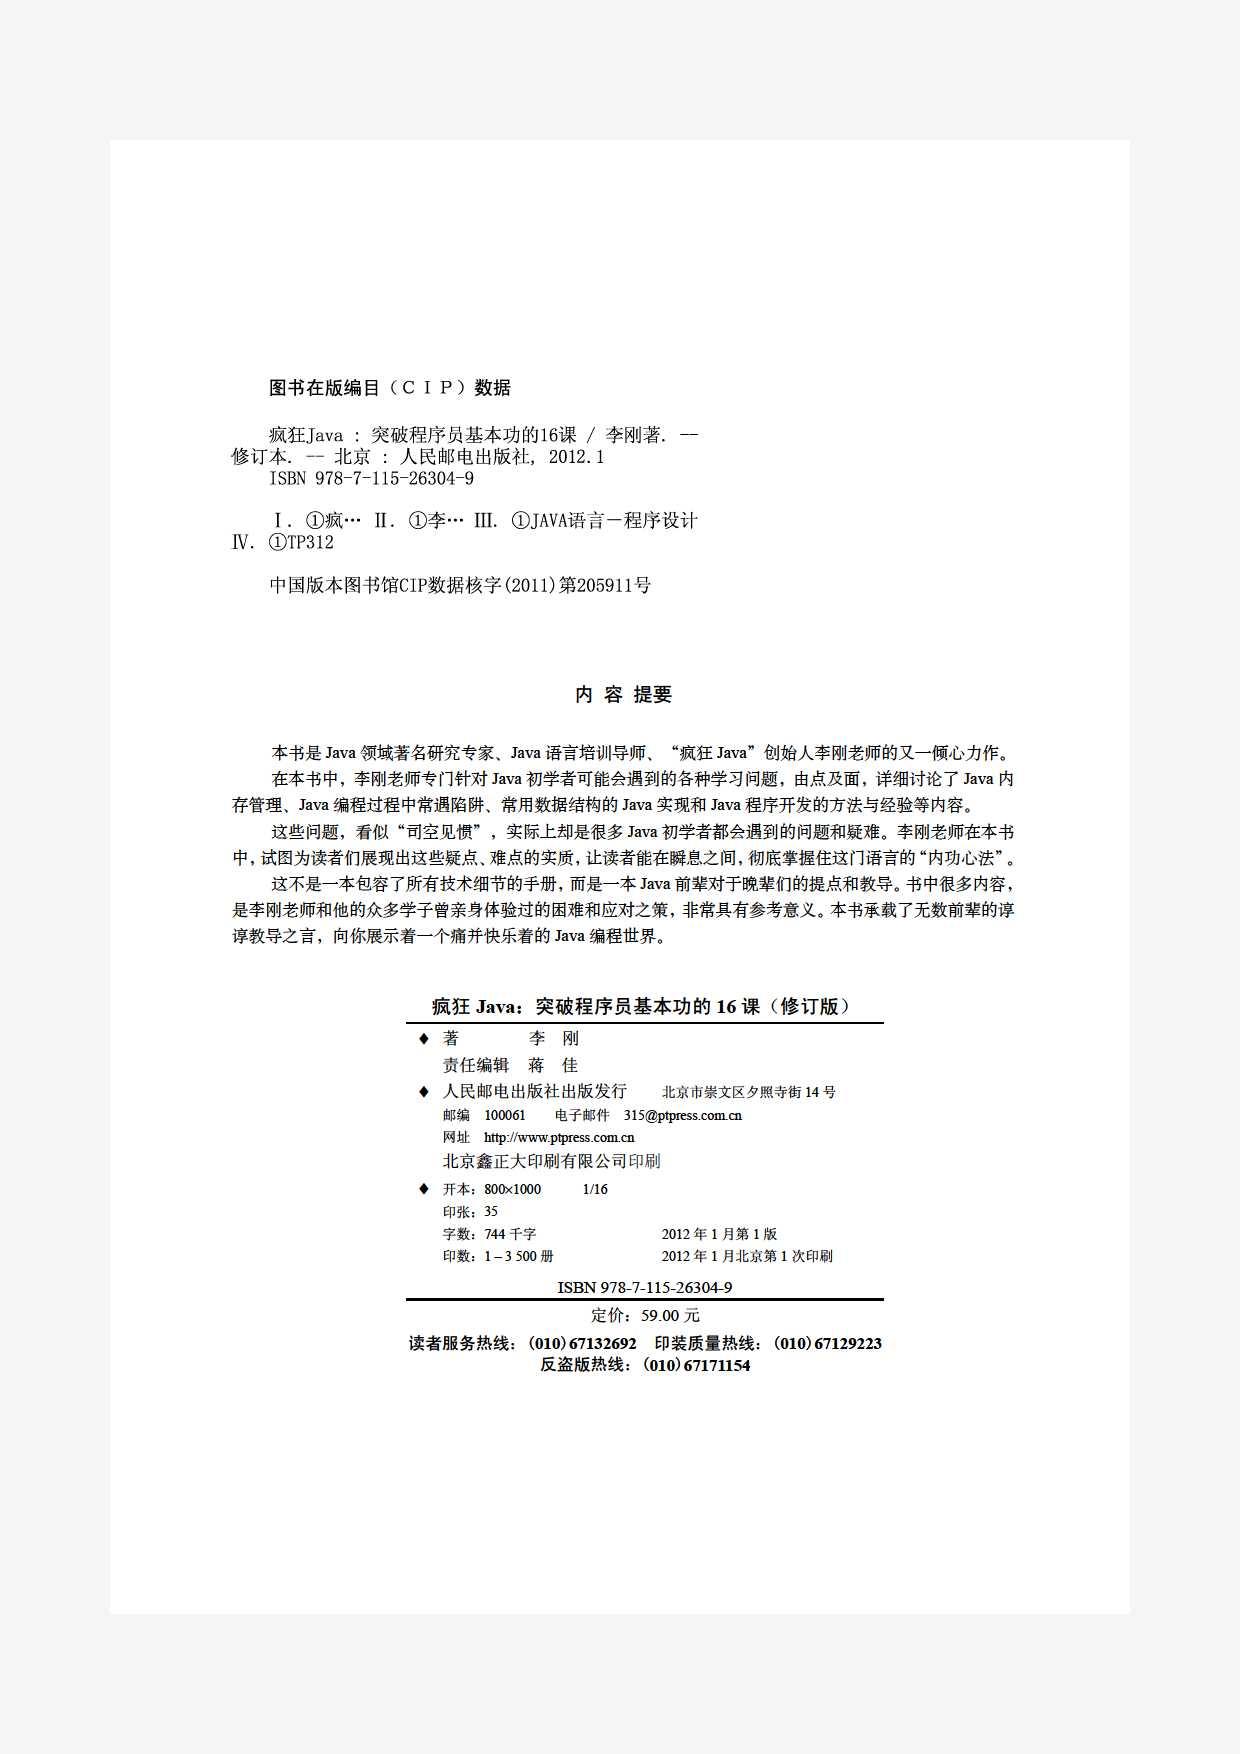 疯狂java讲义pdf_疯狂java:突破程序员基本功的16课(修订版)完整书签文字版.pdf ...